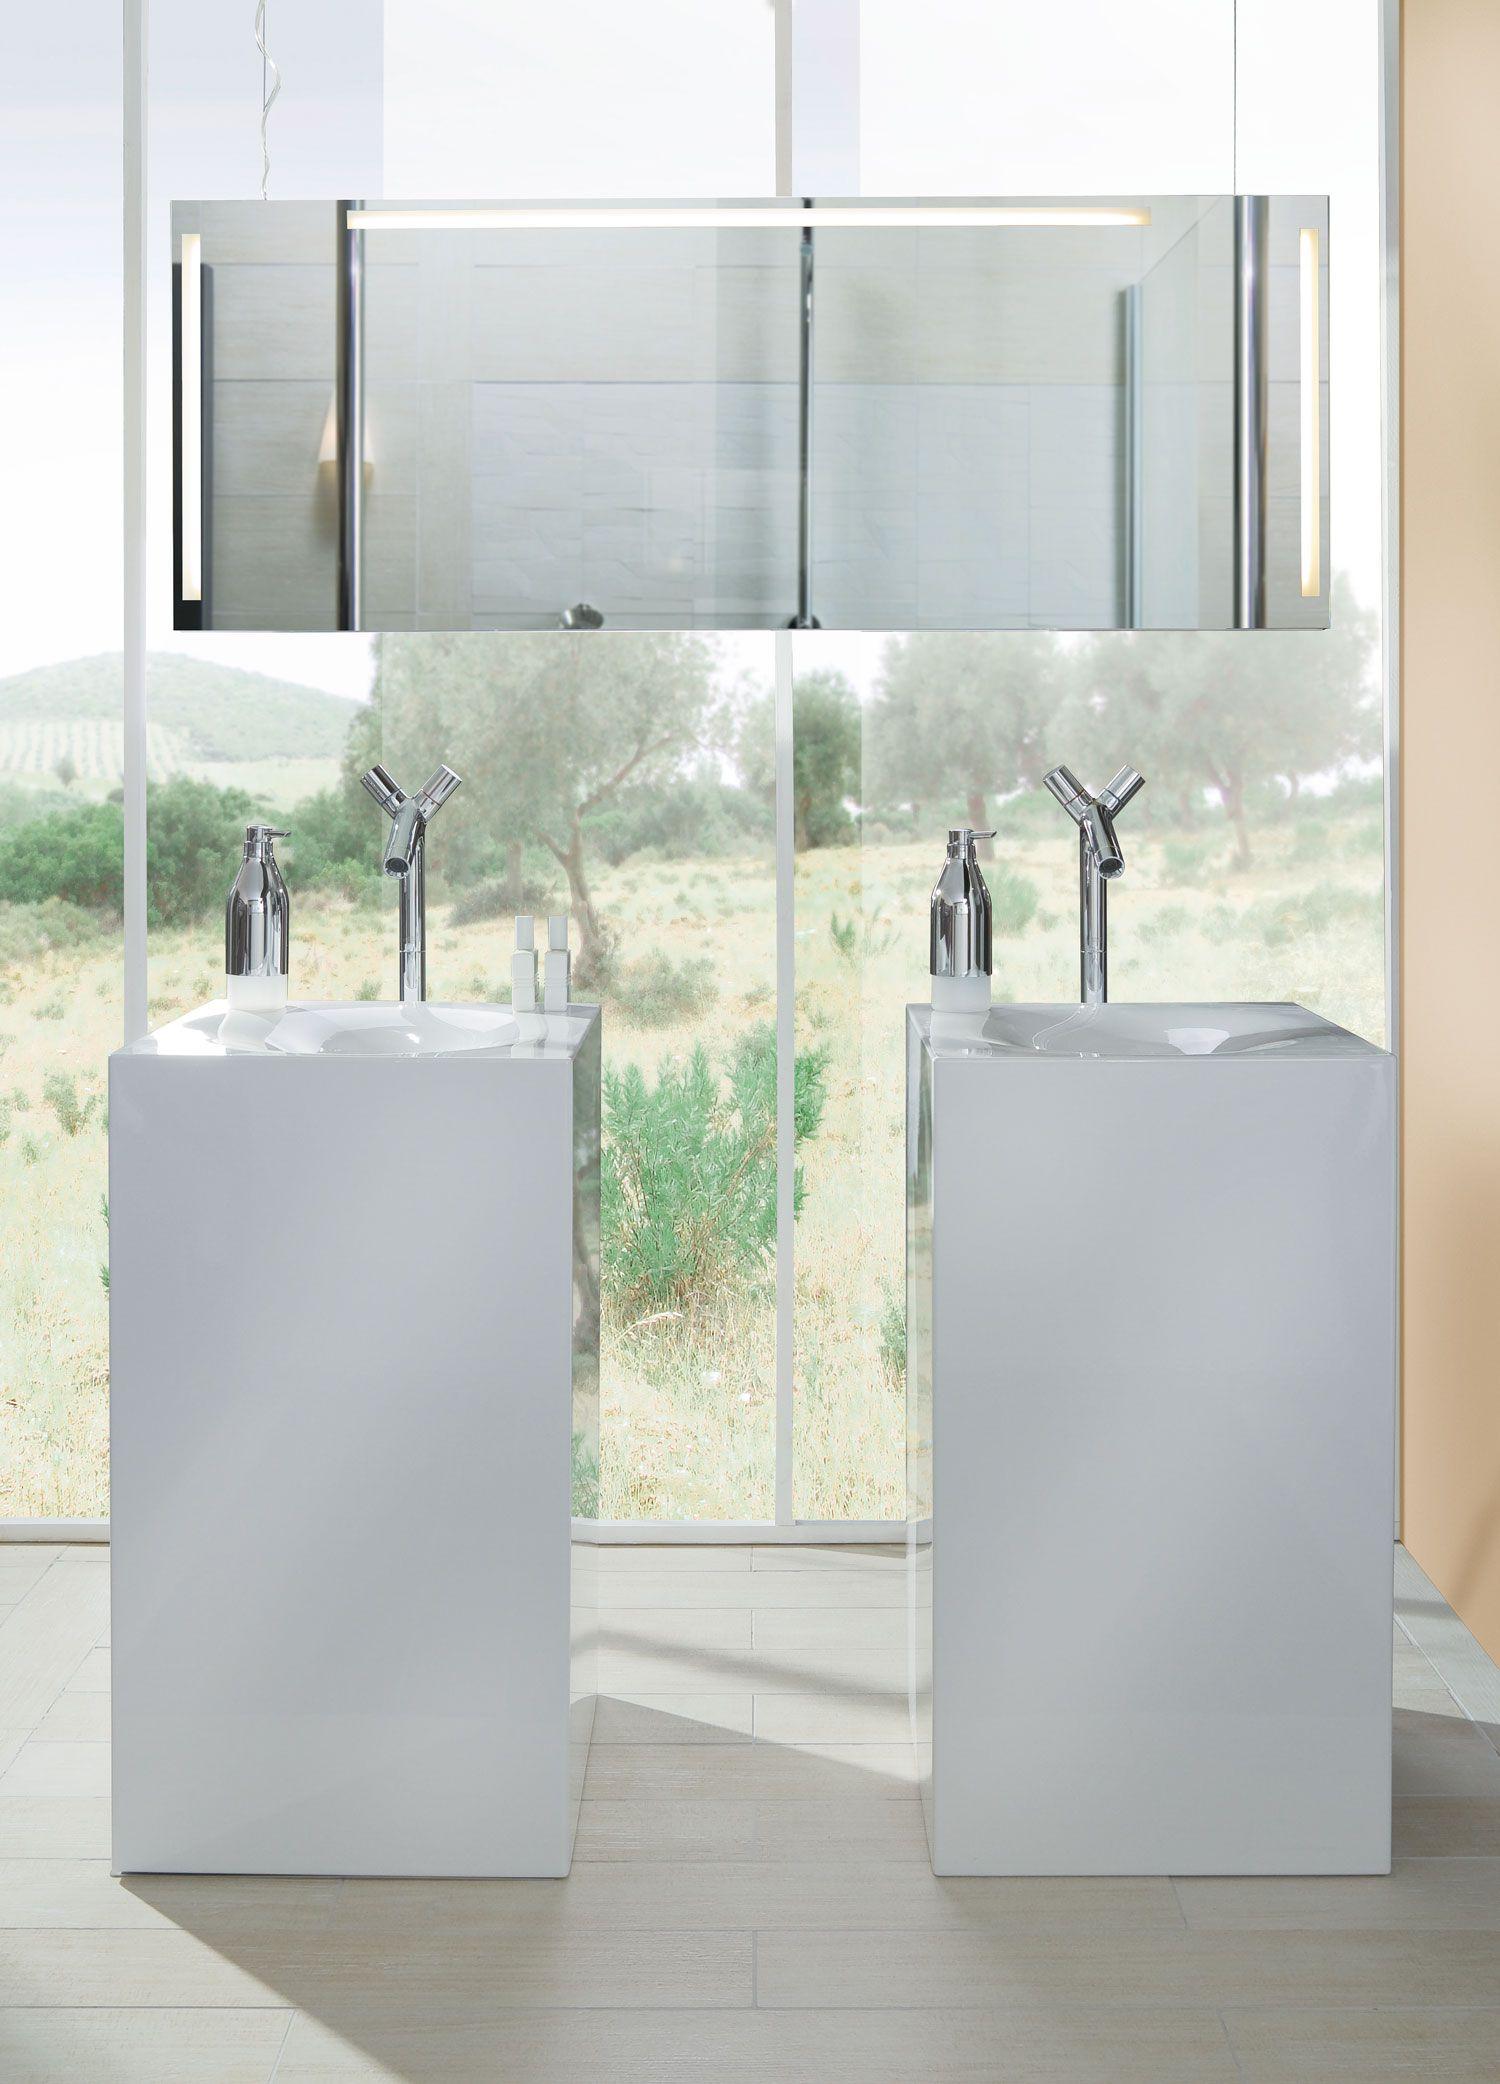 spiegel ihrer persönlichkeit - die gestaltung ihres bades ist eine, Badezimmer ideen